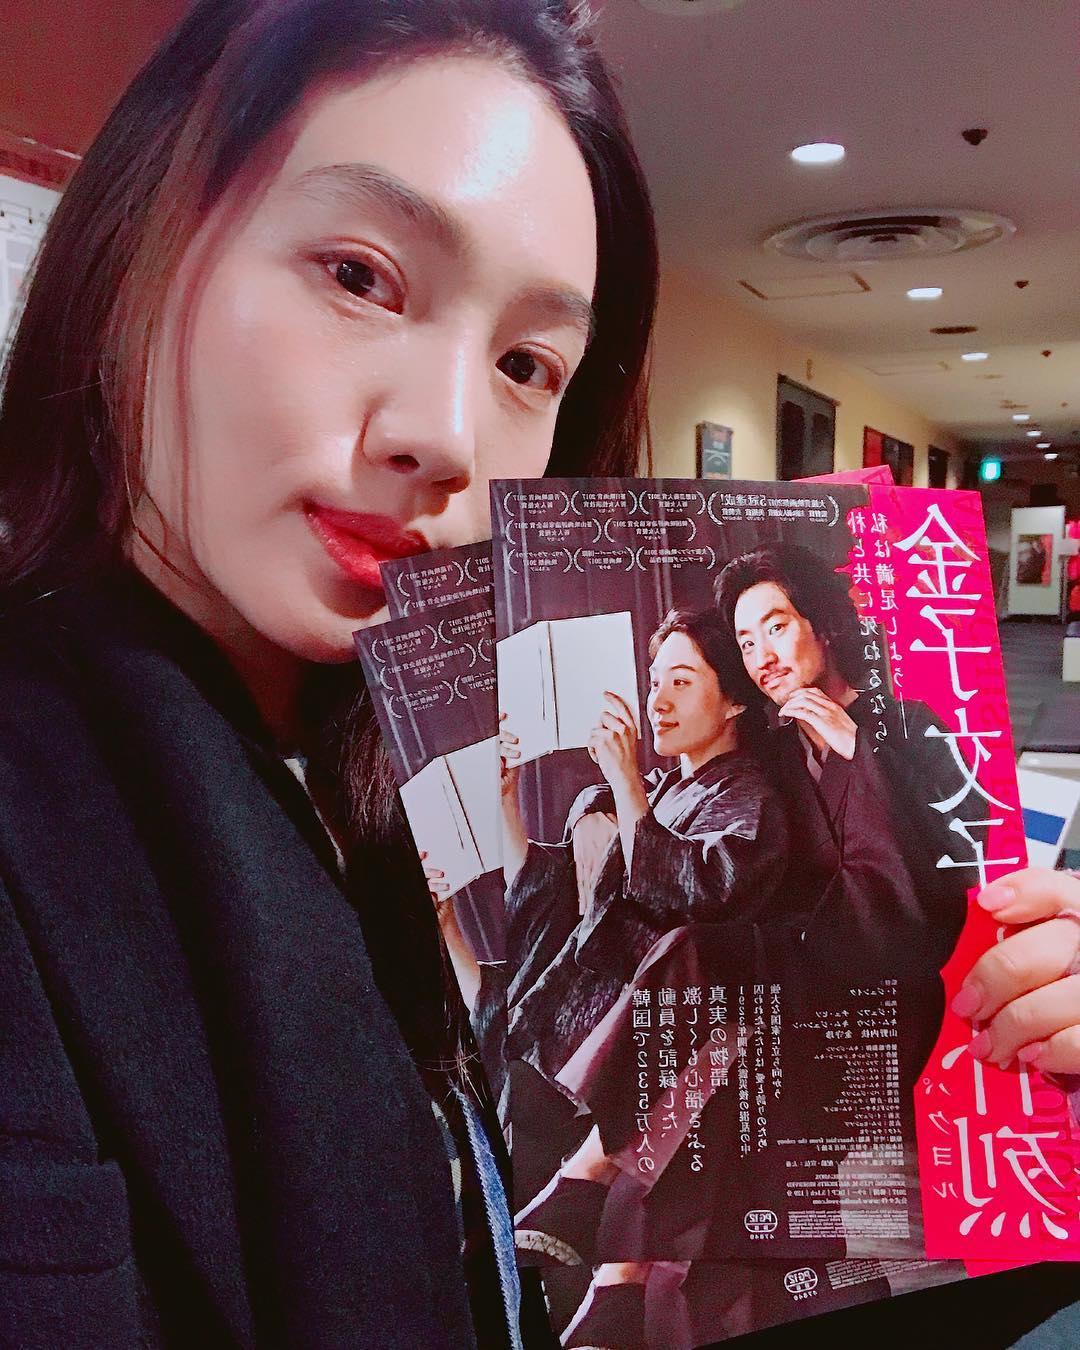 """최희서 Moon Choi チェ ヒソ on Instagram: """"영화 <박열> 이 일본에서 내년 2/16에 개봉합니다. 동경에 온 김에 <박열> 리플렛이 비치되어 있는 #cinemartshinjuku #シネマート新宿 에 들려보았어요..."""